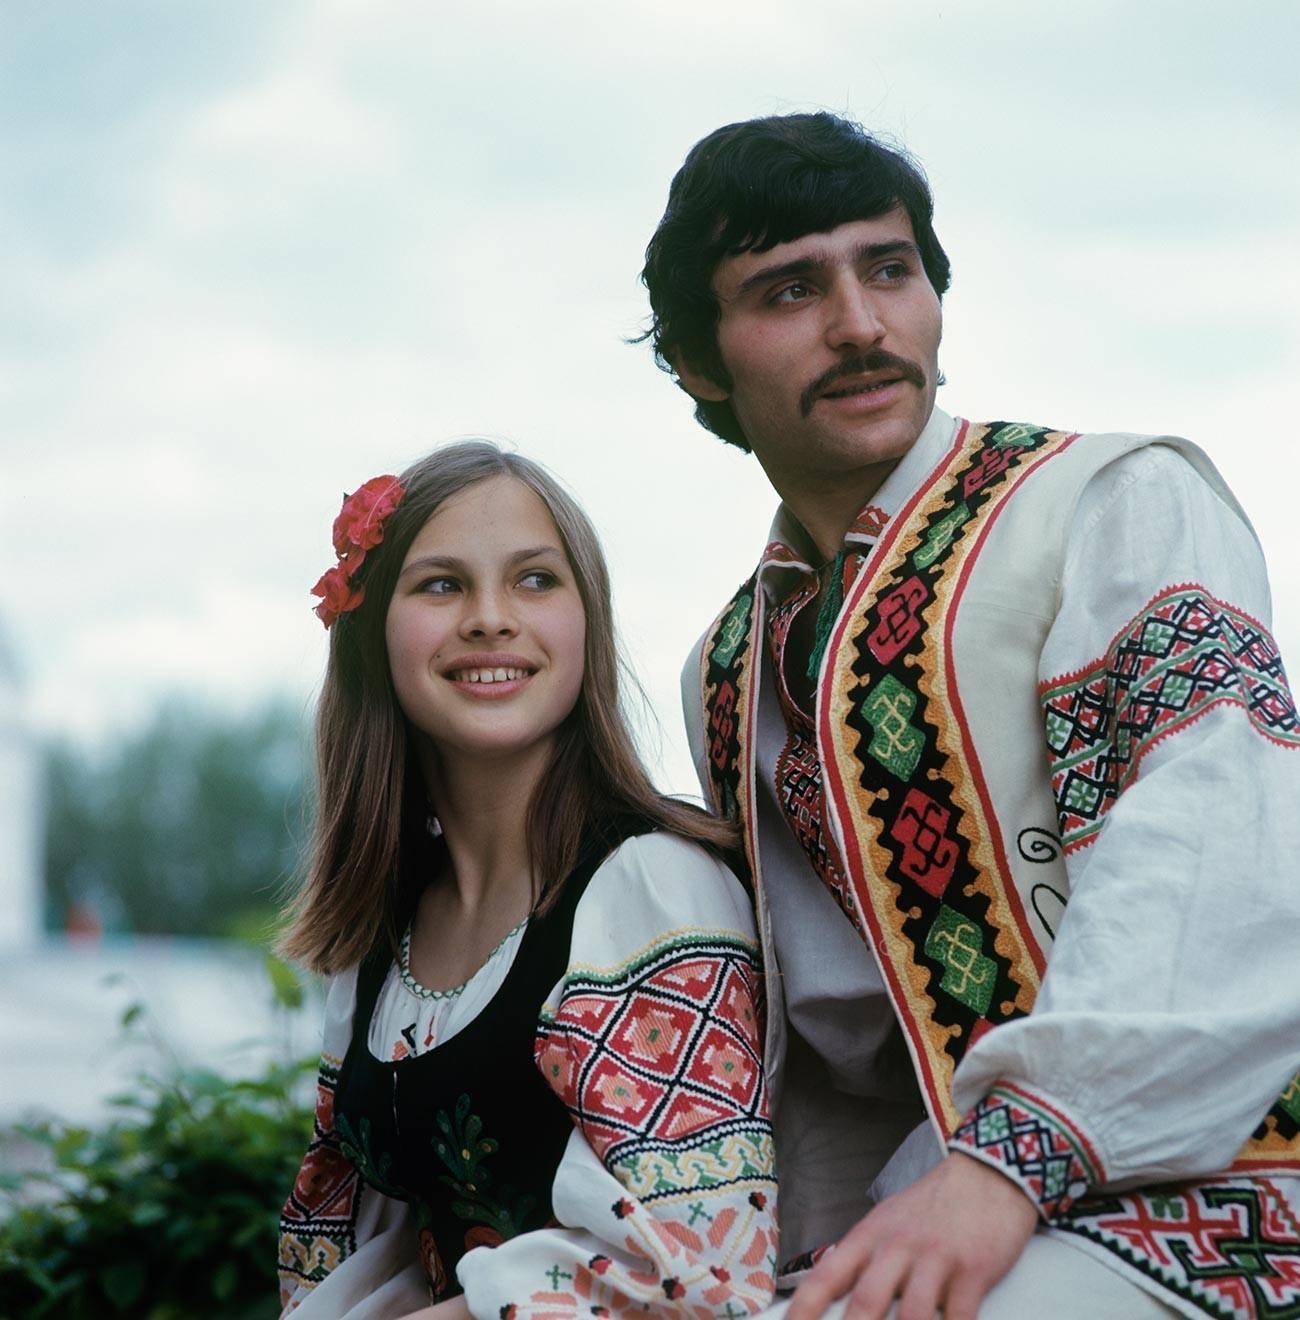 Člani ljudskega plesnega ansambla Moldavanesca, 1975